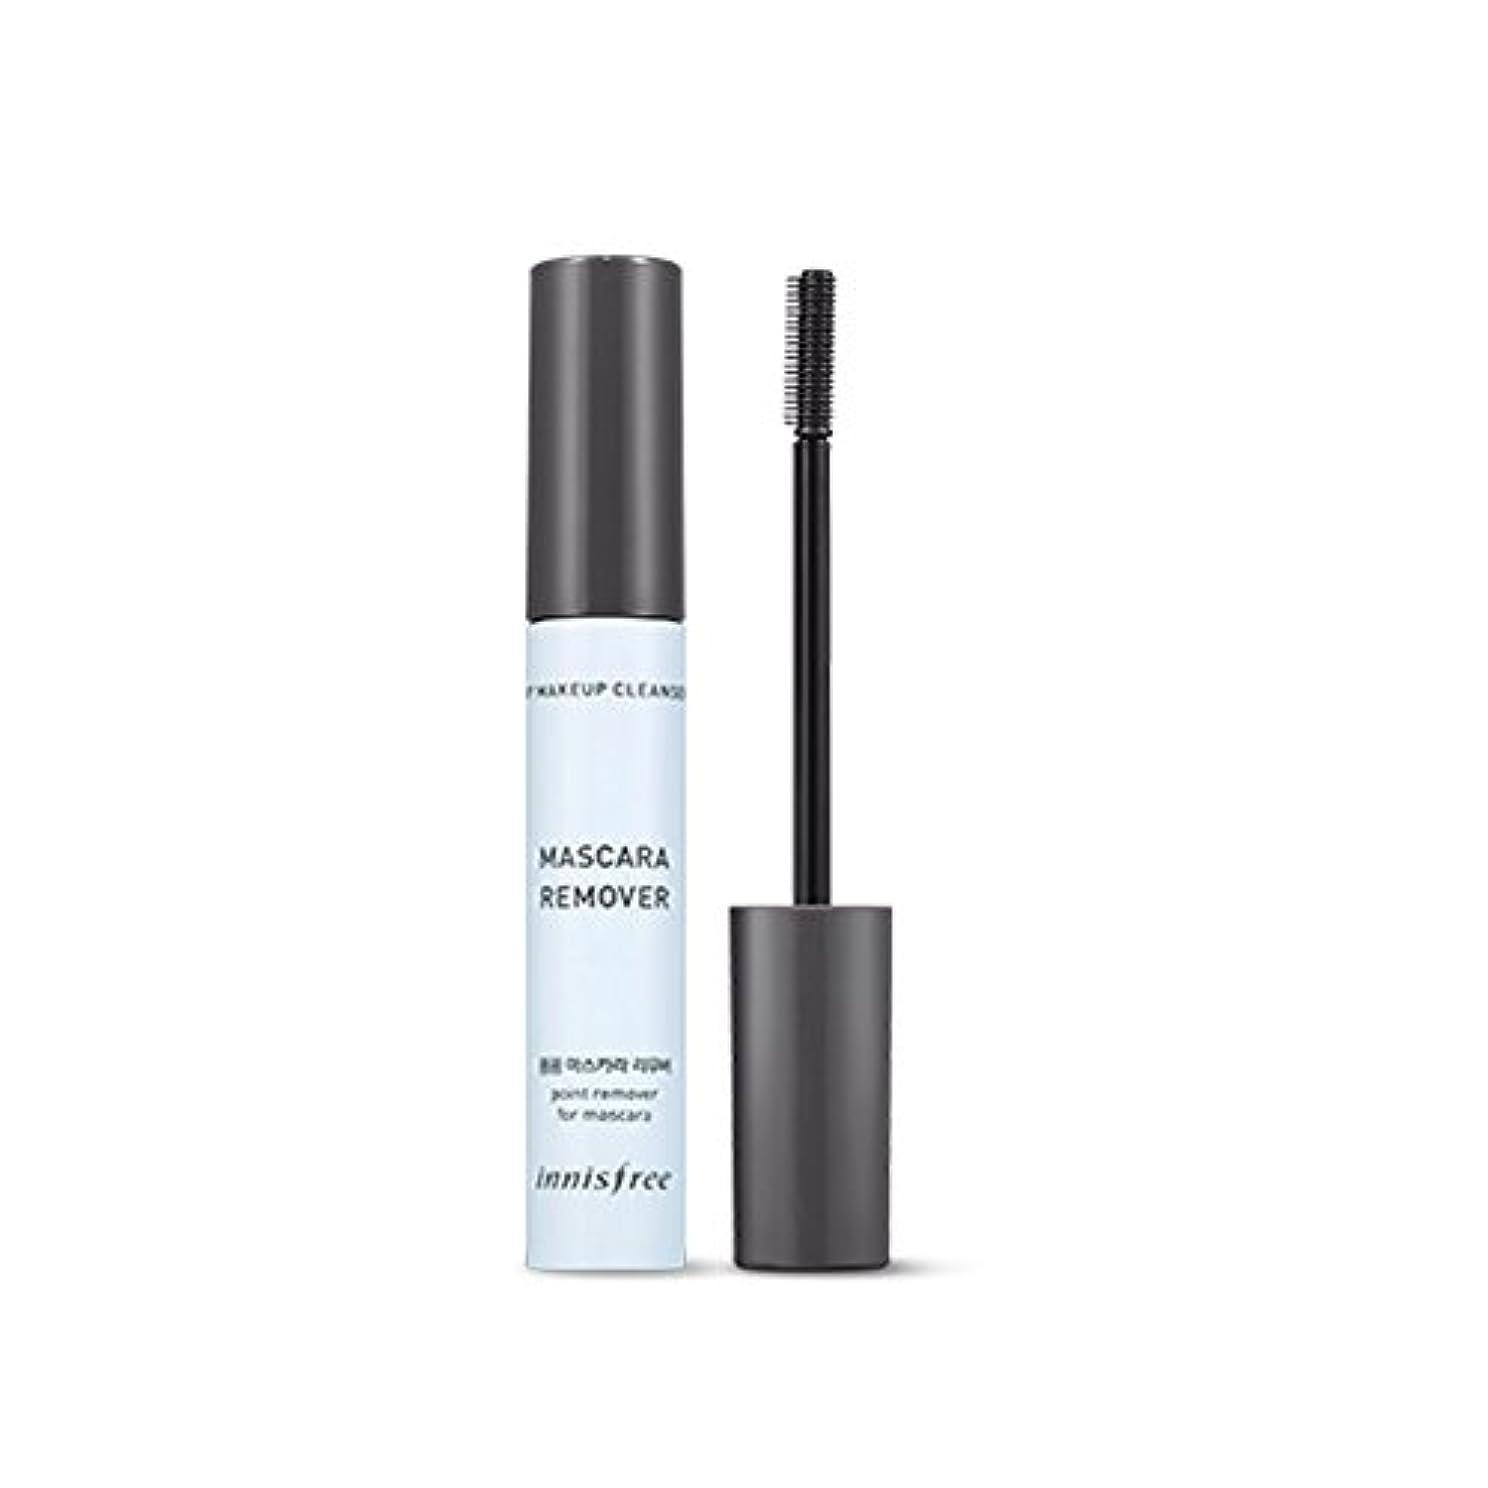 会議一致可能性イニスフリーマイメイクアップクレンザー - マスカラリムーバー9g x 1pcs Innisfree My Makeup Cleanser - Mascara Remover 9g x 1pcs [海外直送品][並行輸入品]